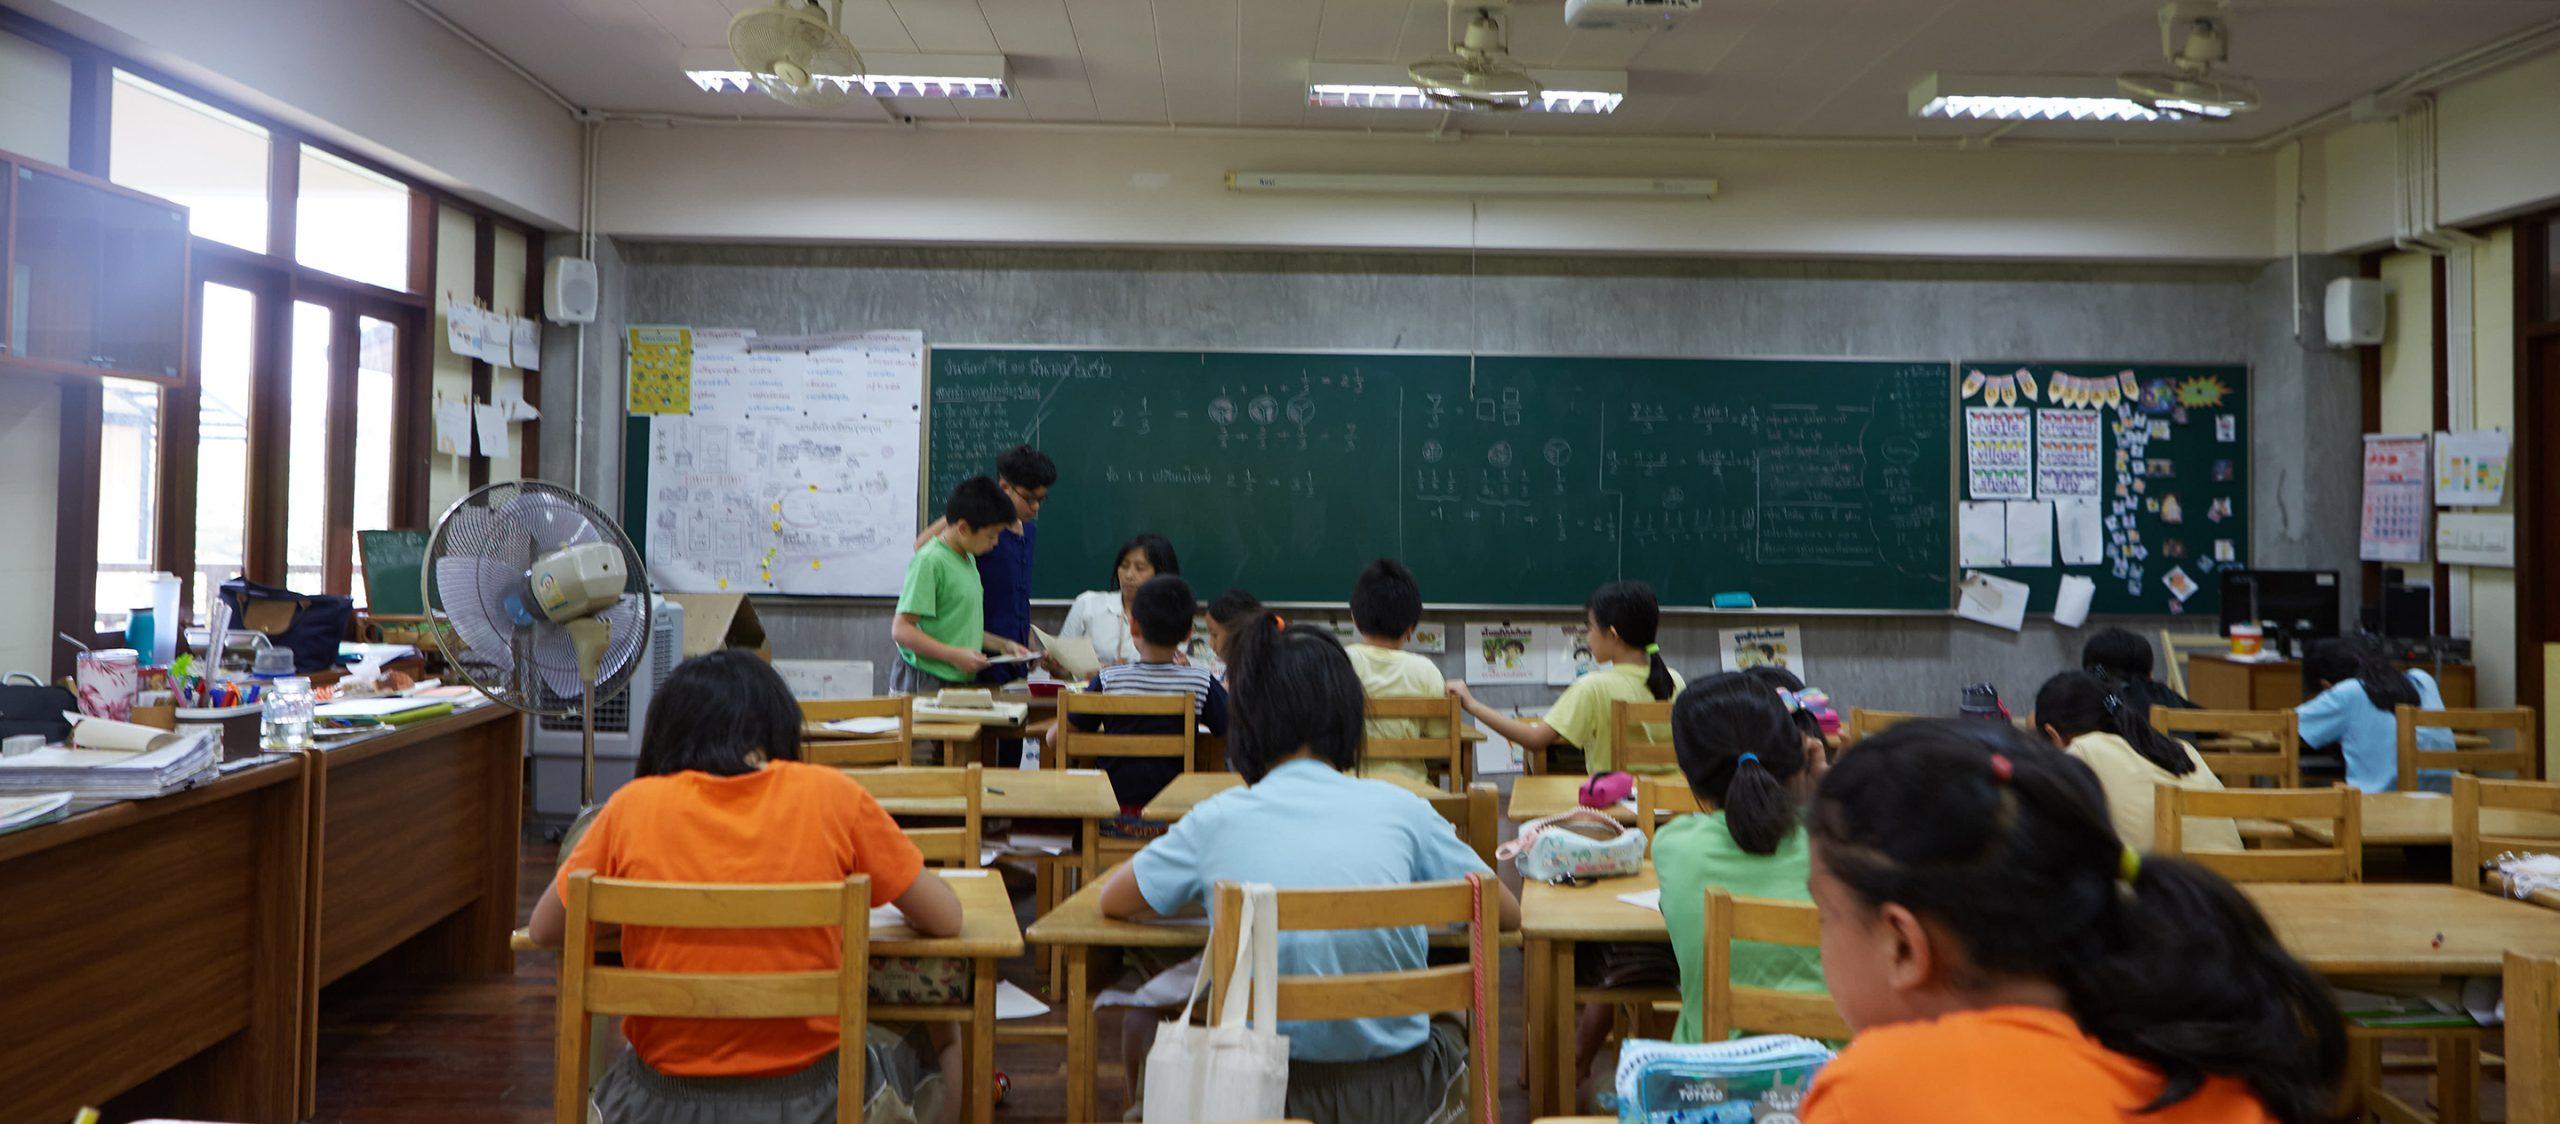 """""""เราทำอะไรและใครตกหล่นไปบ้างในระบบการศึกษาของประเทศไทย"""" – กุลธิดา รุ่งเรืองเกียรติ"""